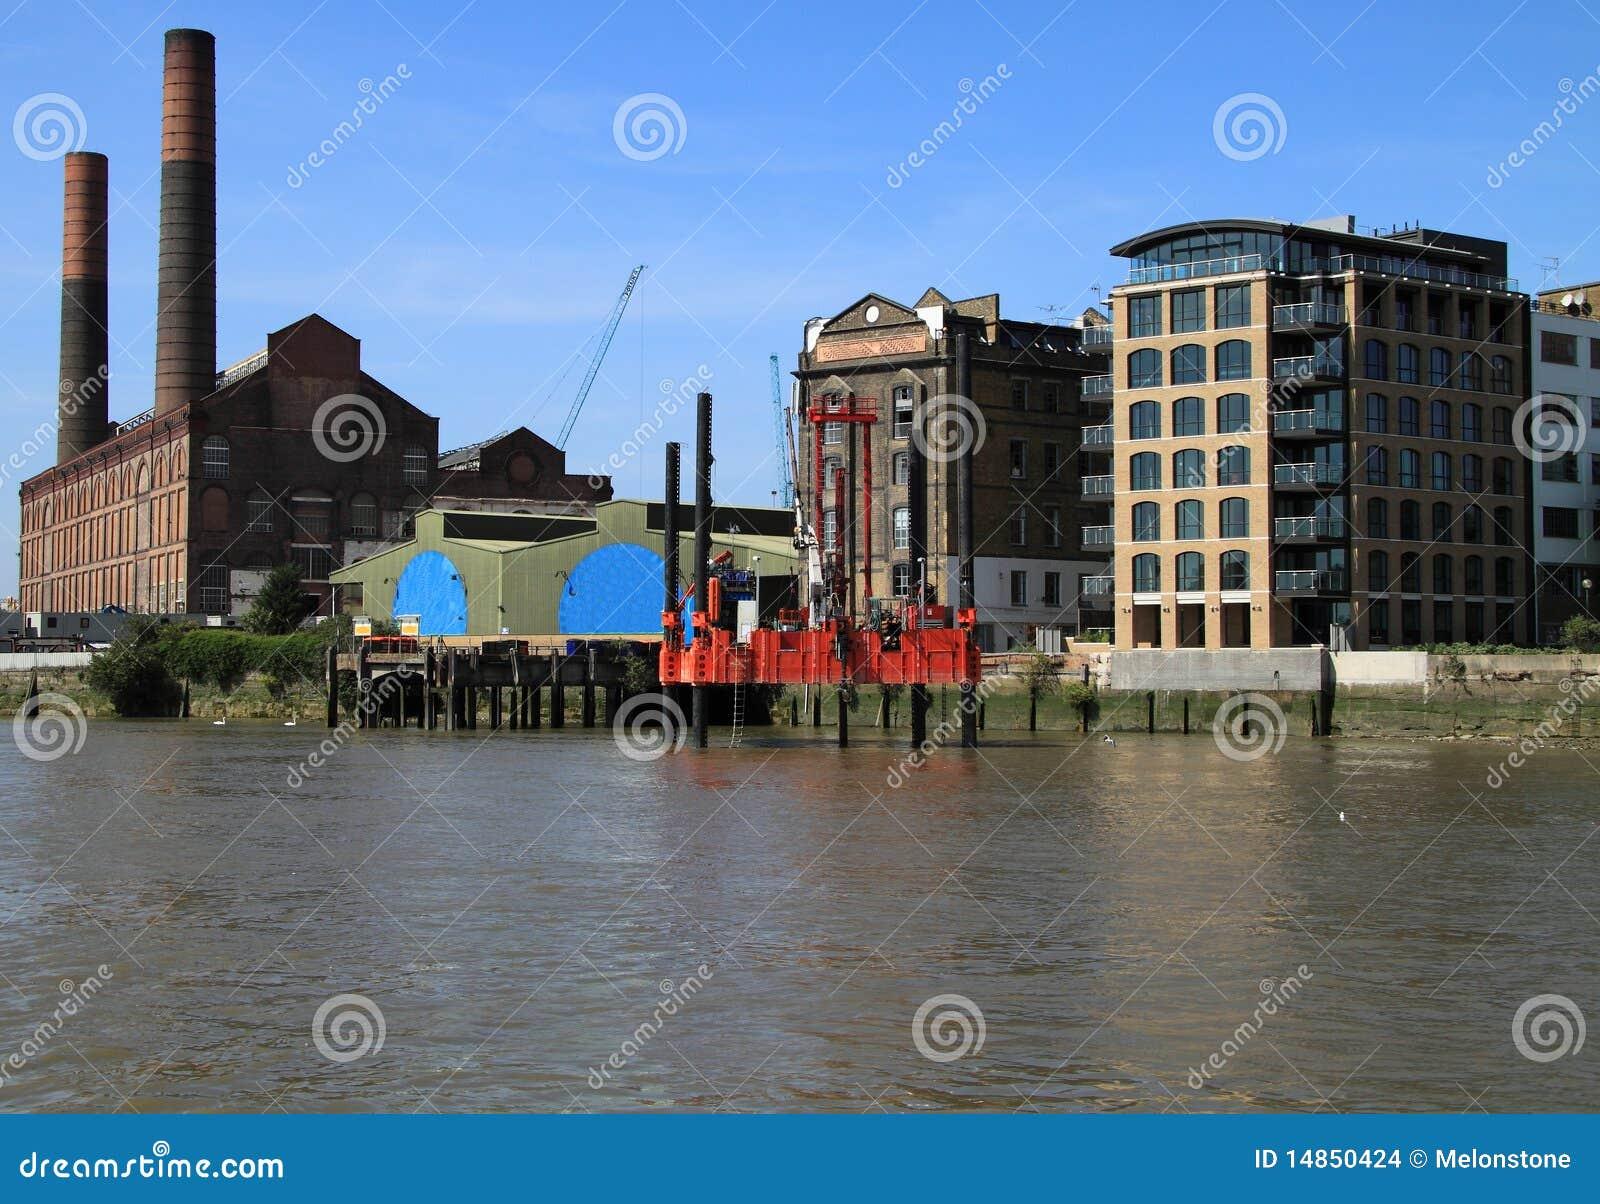 River Thames bankside